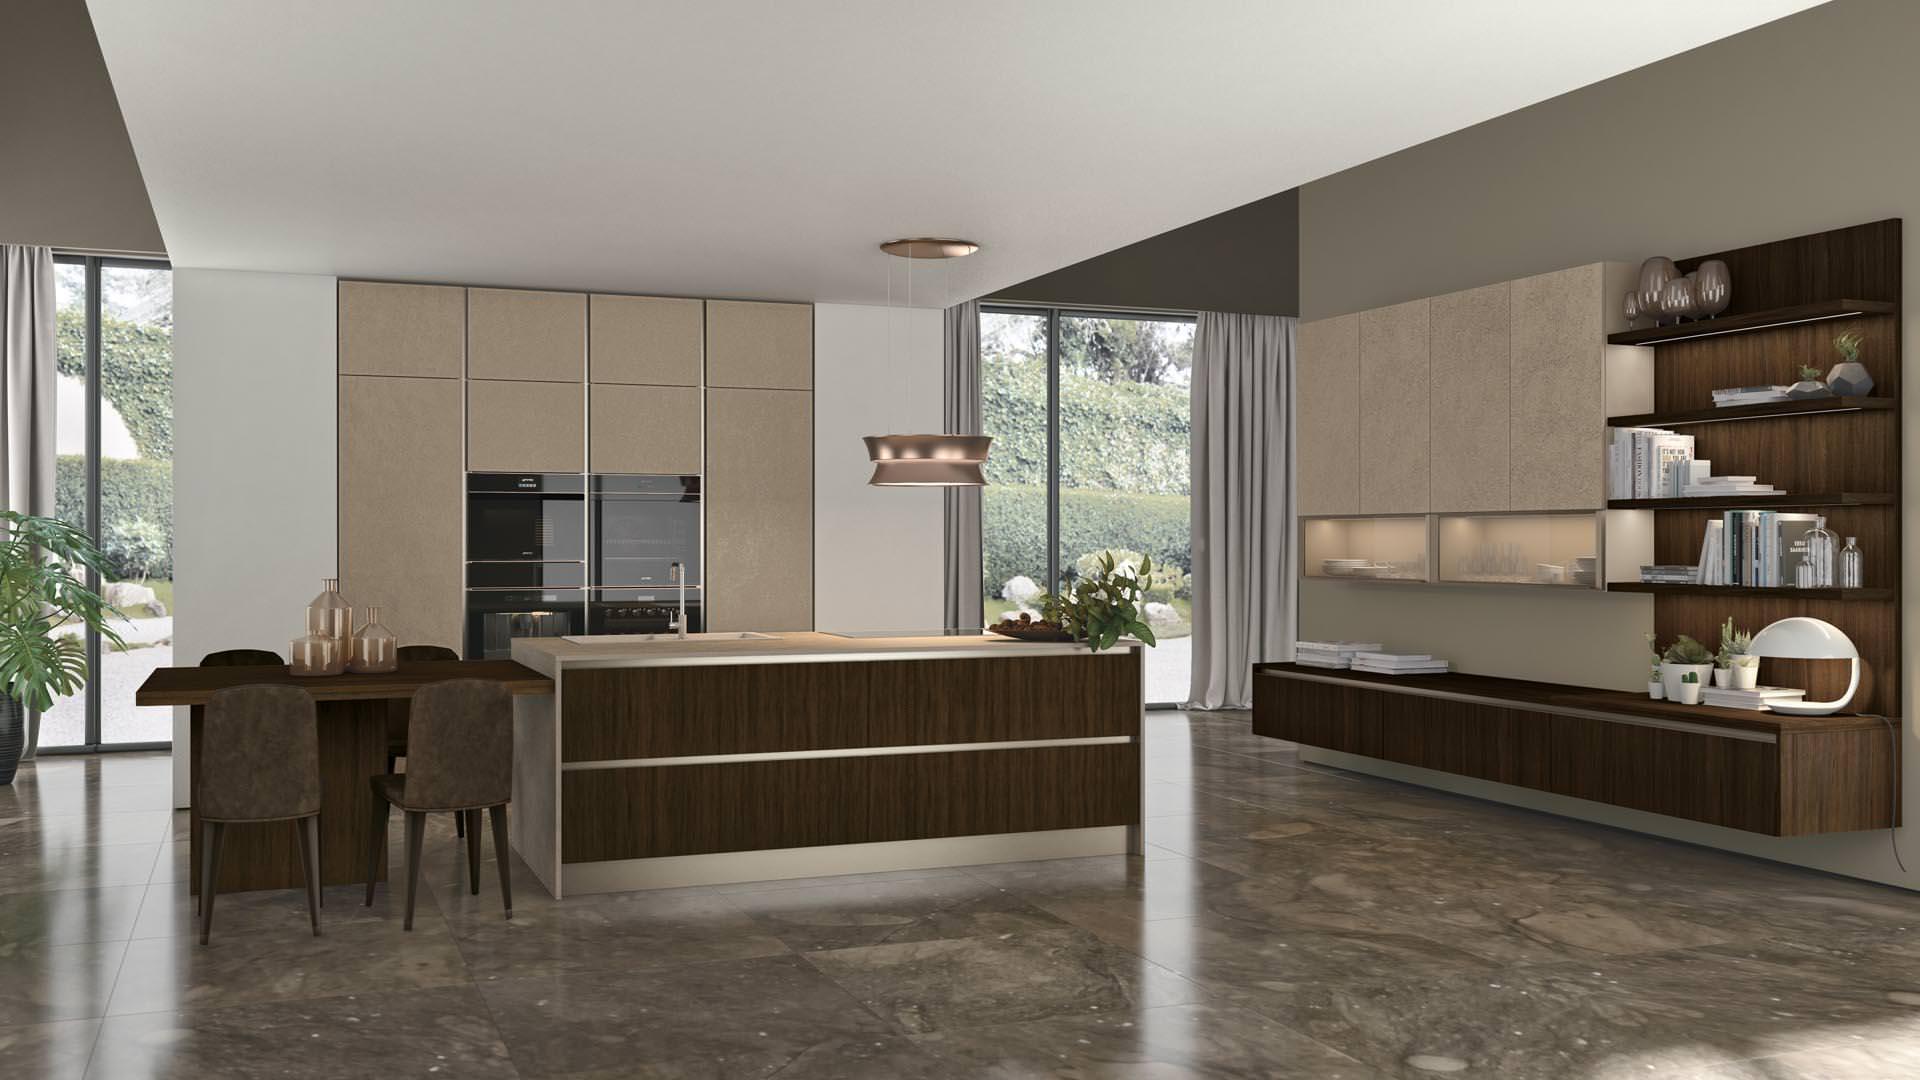 Novità Cucine moderne a Bari, ecco la collezione LUBE CLOVER LUX - Rafaschieri Arredamenti